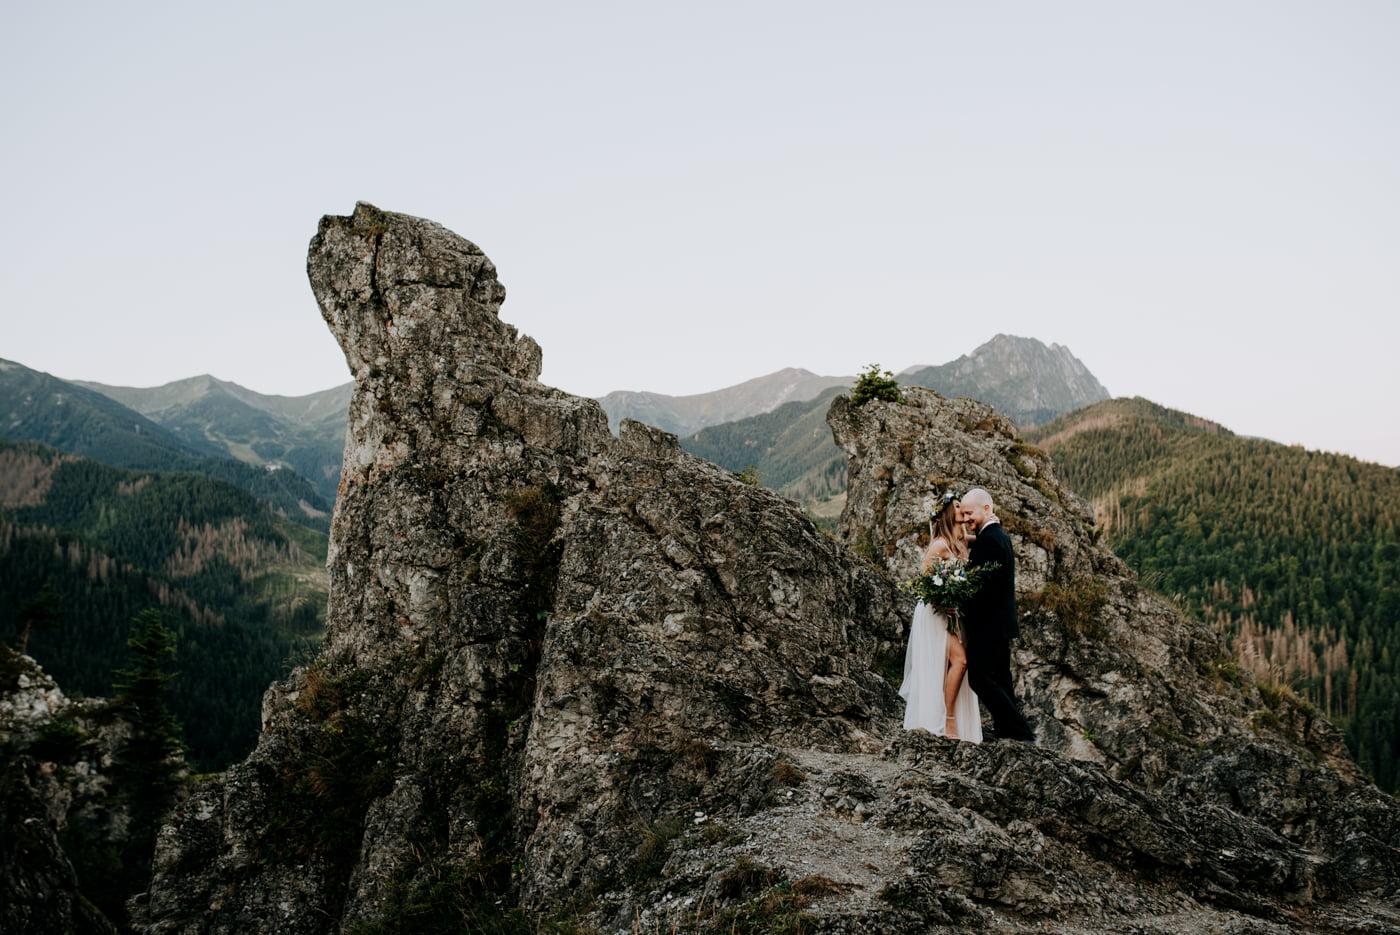 Sesja w górach – Kasia i Łukasz 10